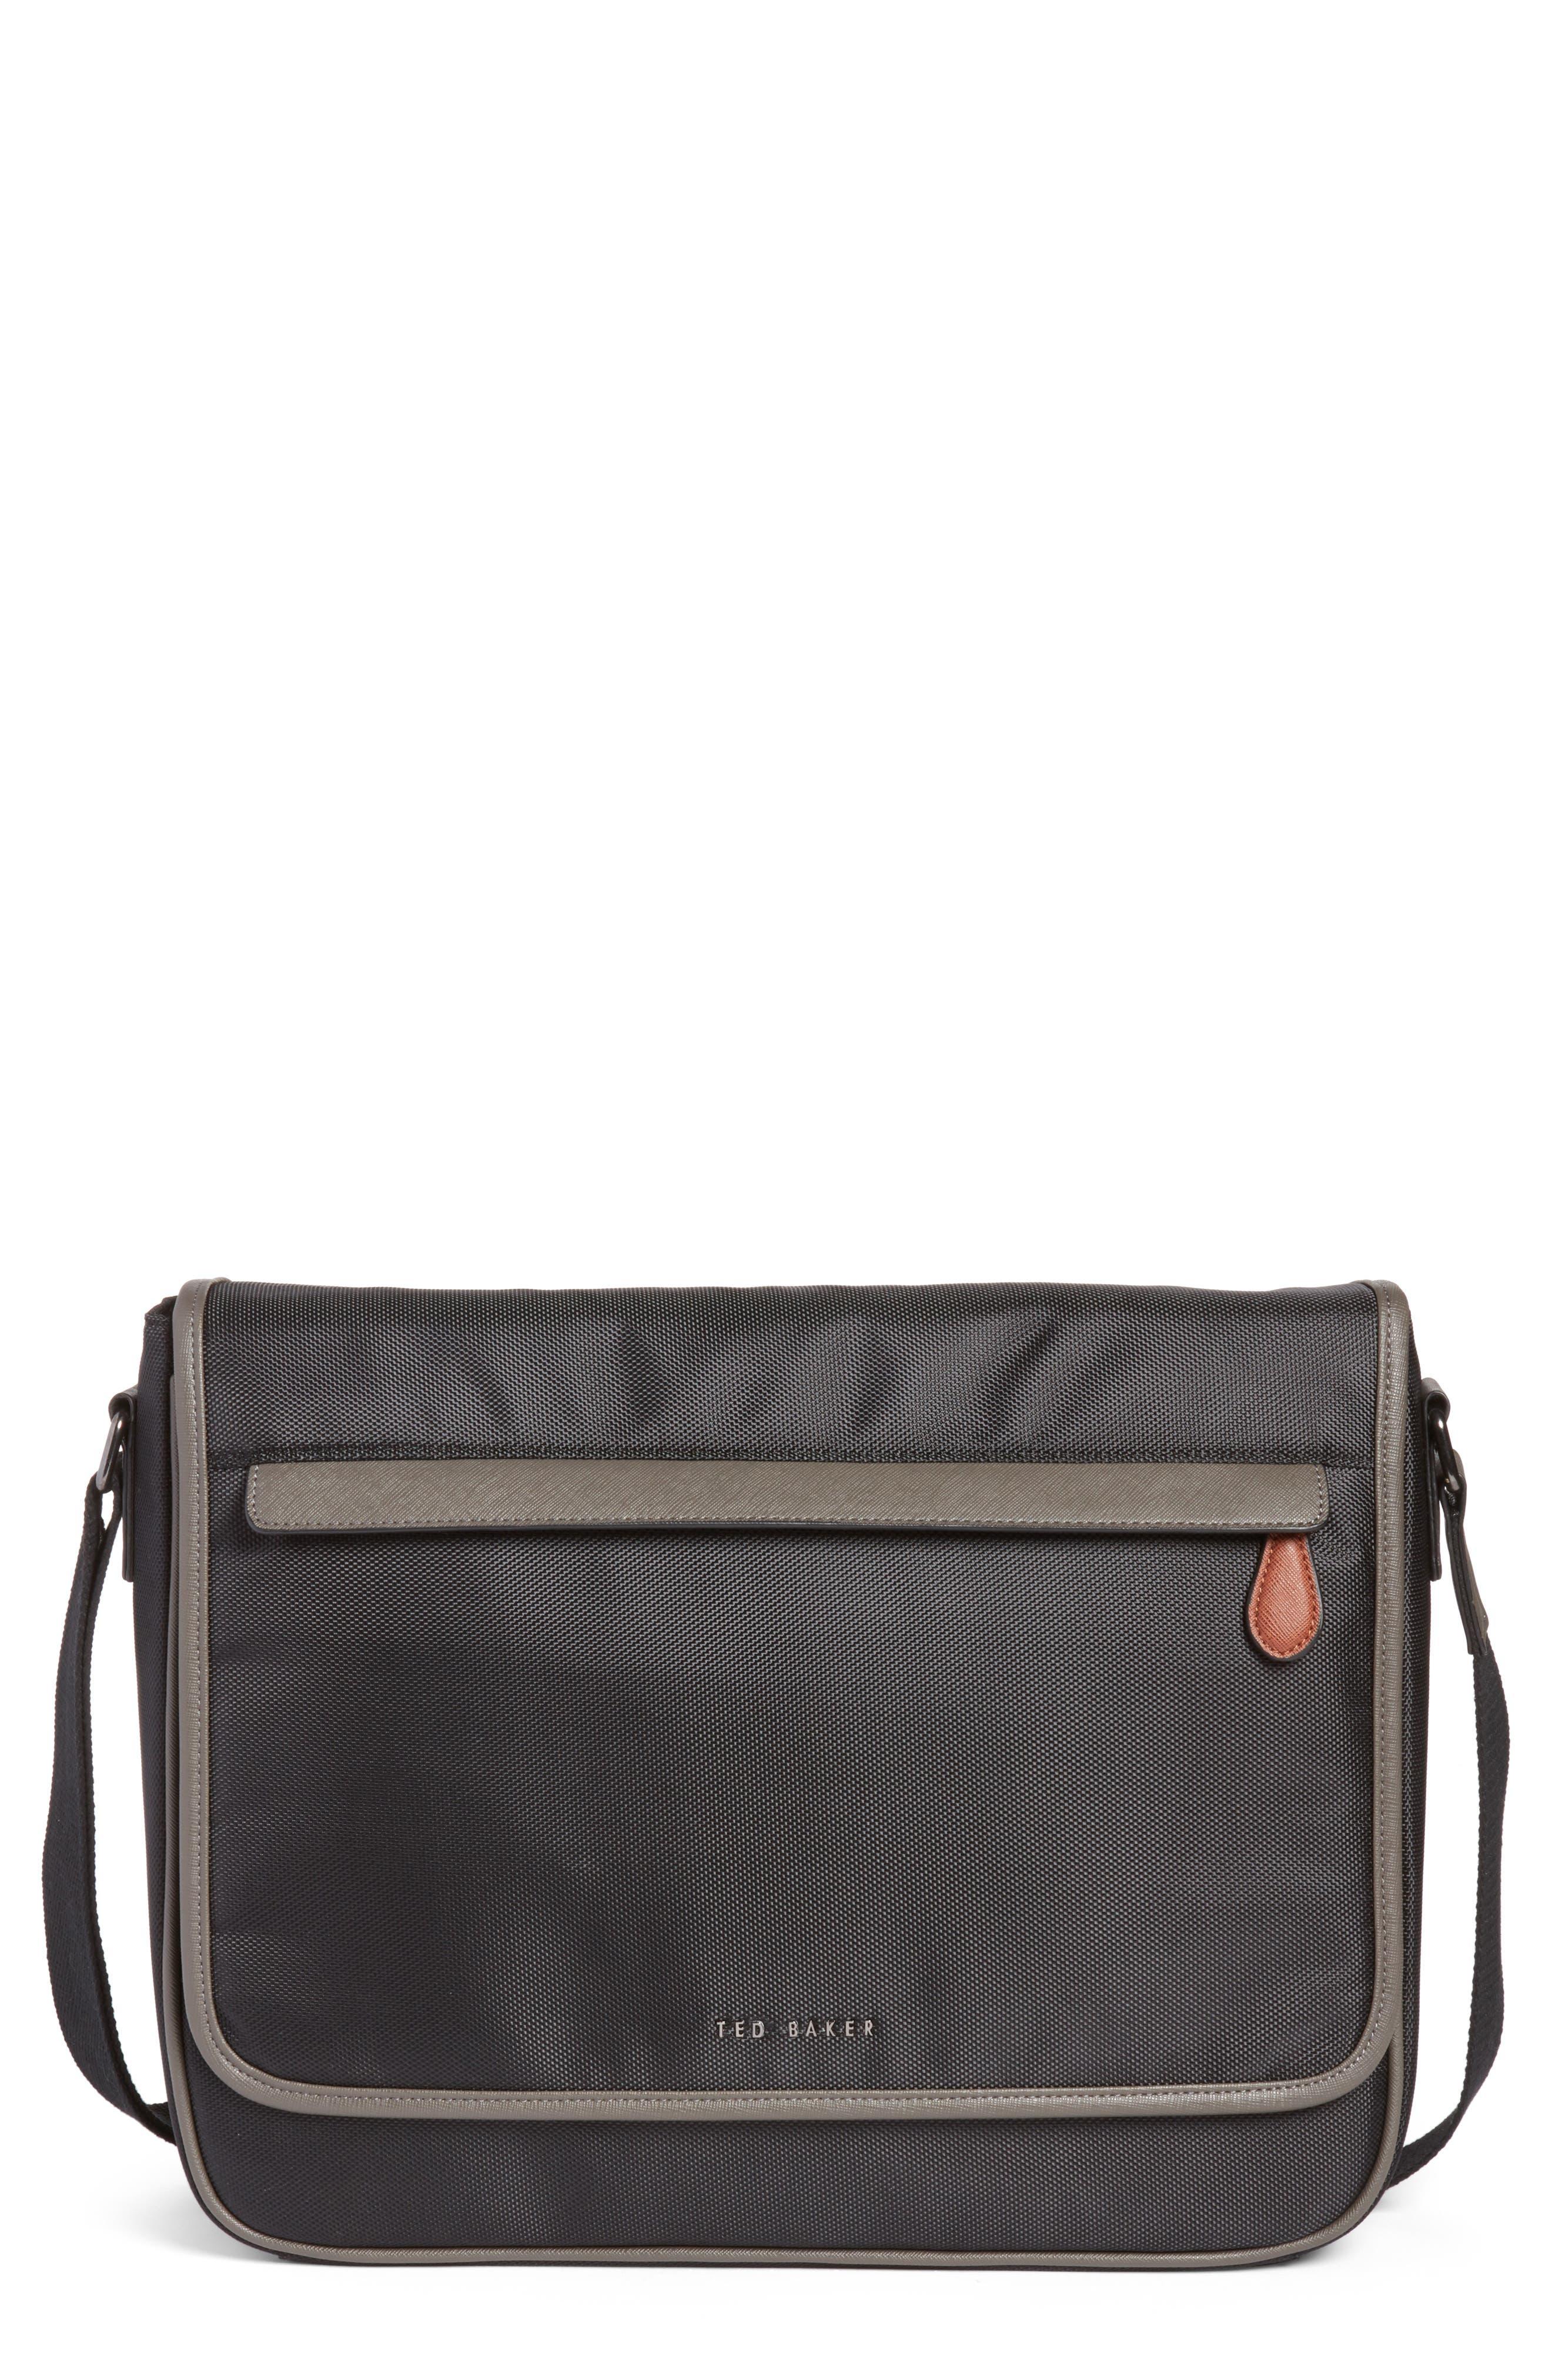 Wisker Messenger Bag,                         Main,                         color, 001